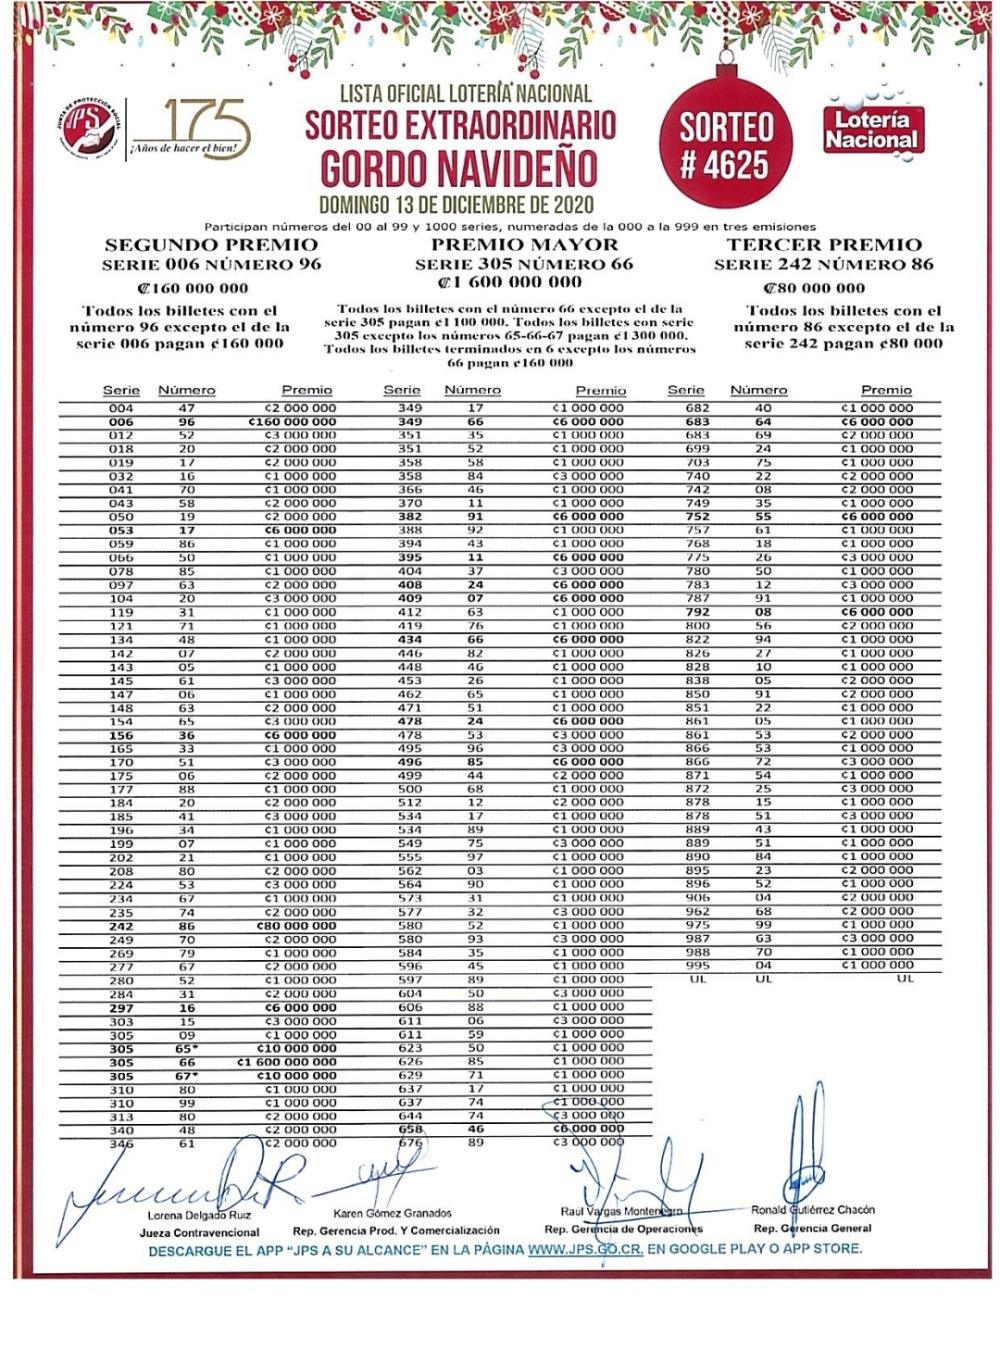 Lista De Premiados De Sorteo De Navidad Sorteo 4625 Domingo 13 De Diciembre 2020 Premio Mayor 1600 Millones De Colones Seri Sorteo De Navidad Sorteo Lotería